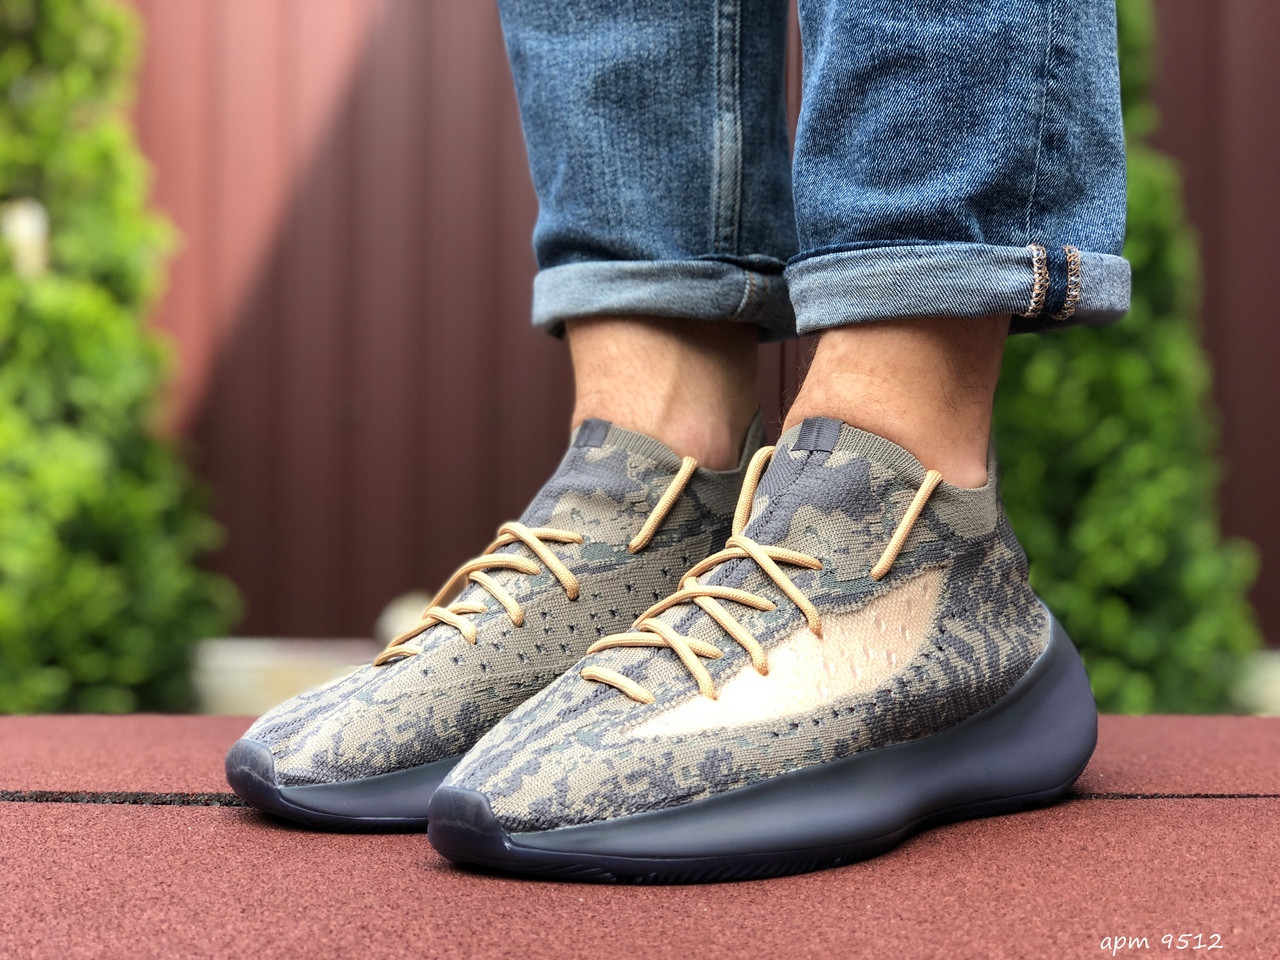 Чоловічі кросівки Adidas Yeezy Boost 380 (сіро-бежеві з чорним) 9512